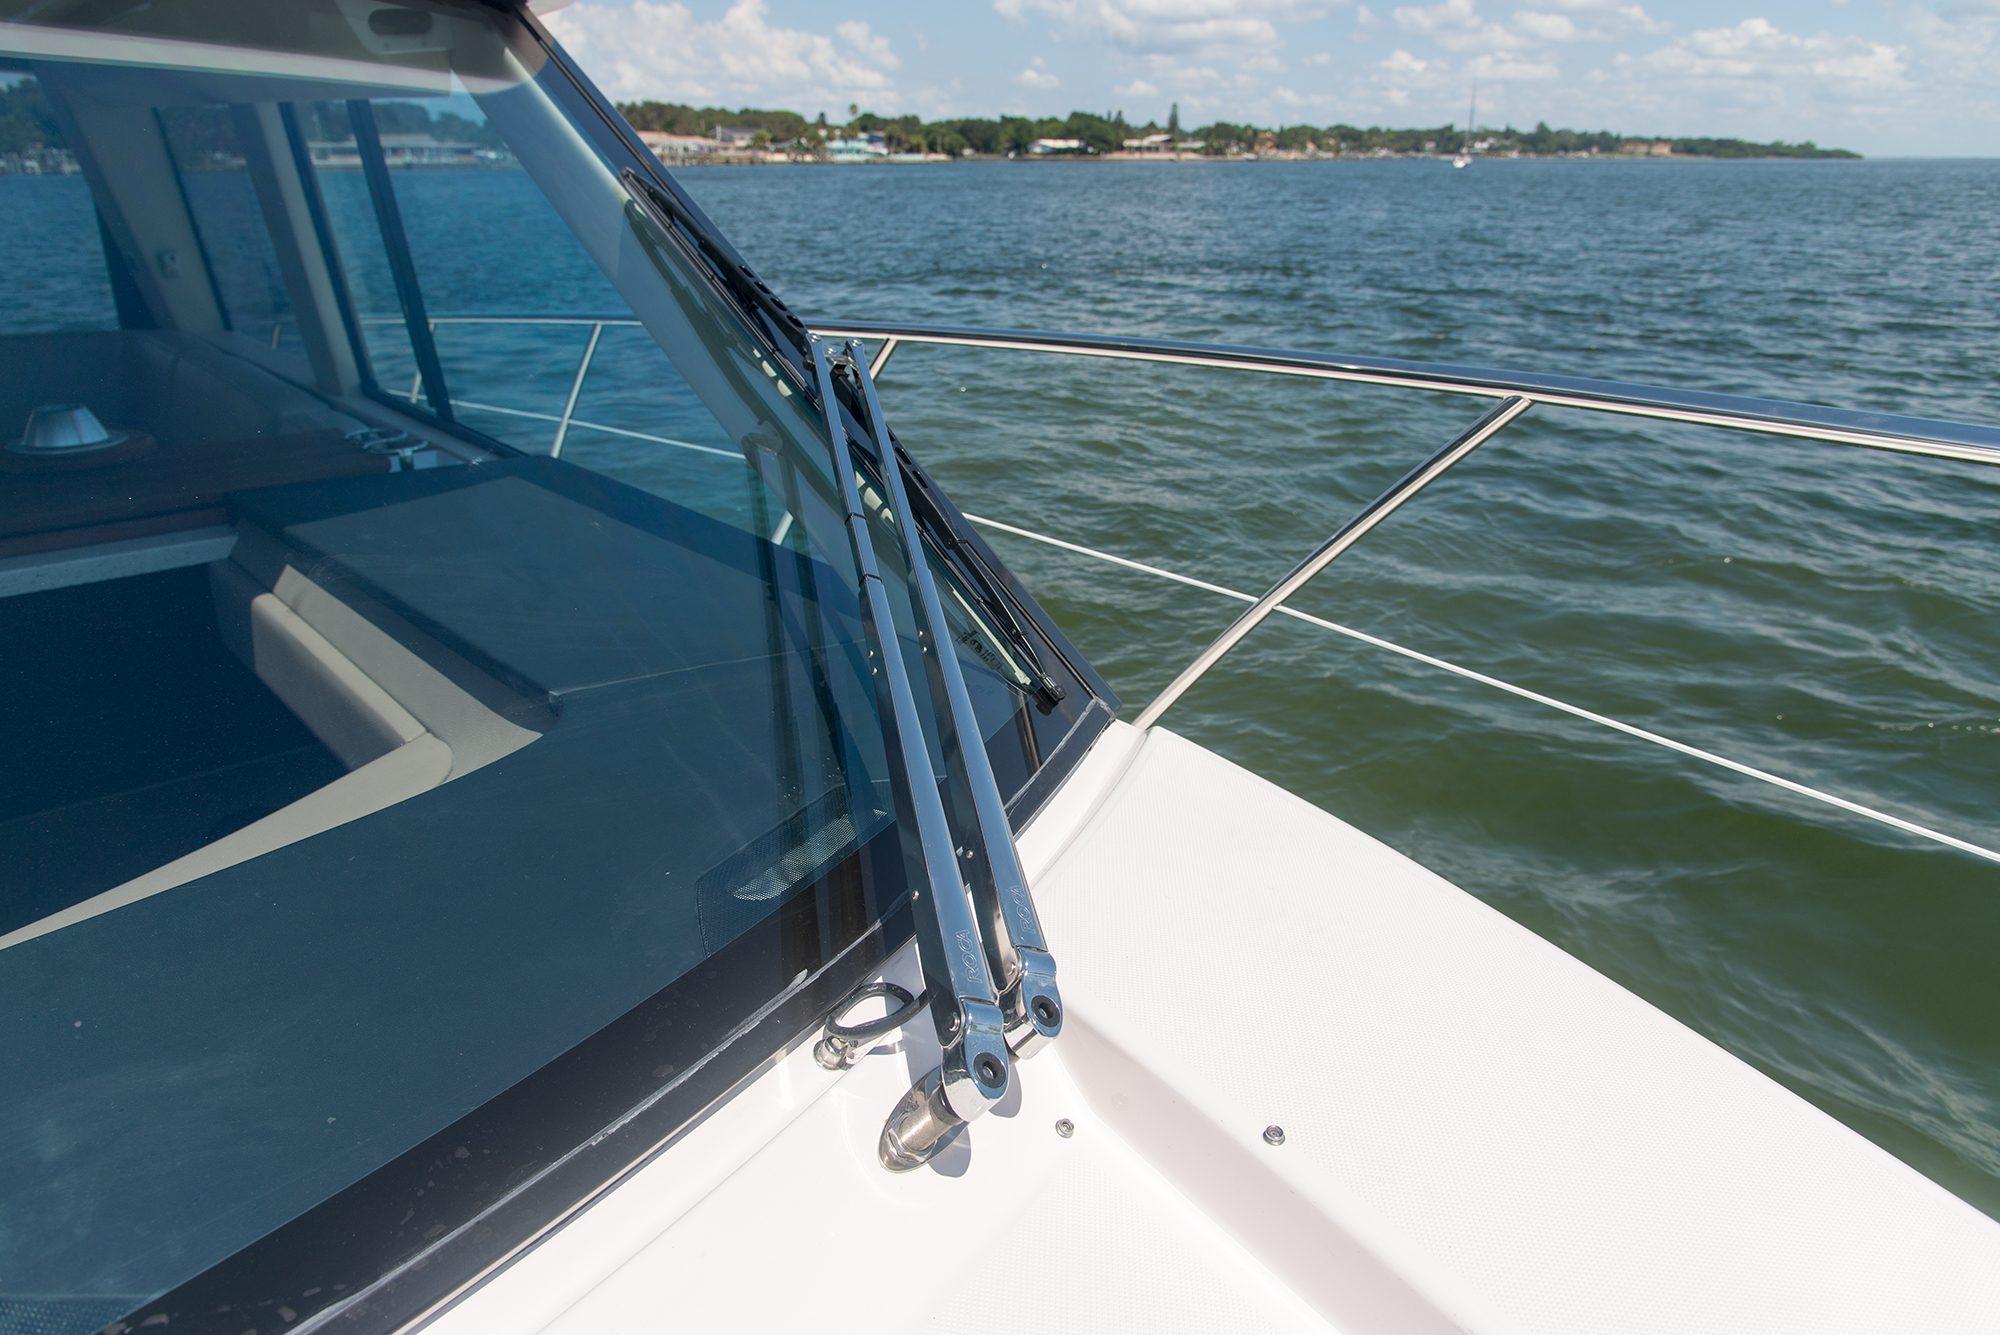 42 grande coupe regal boats overview - Prestone interior cleaner walmart ...